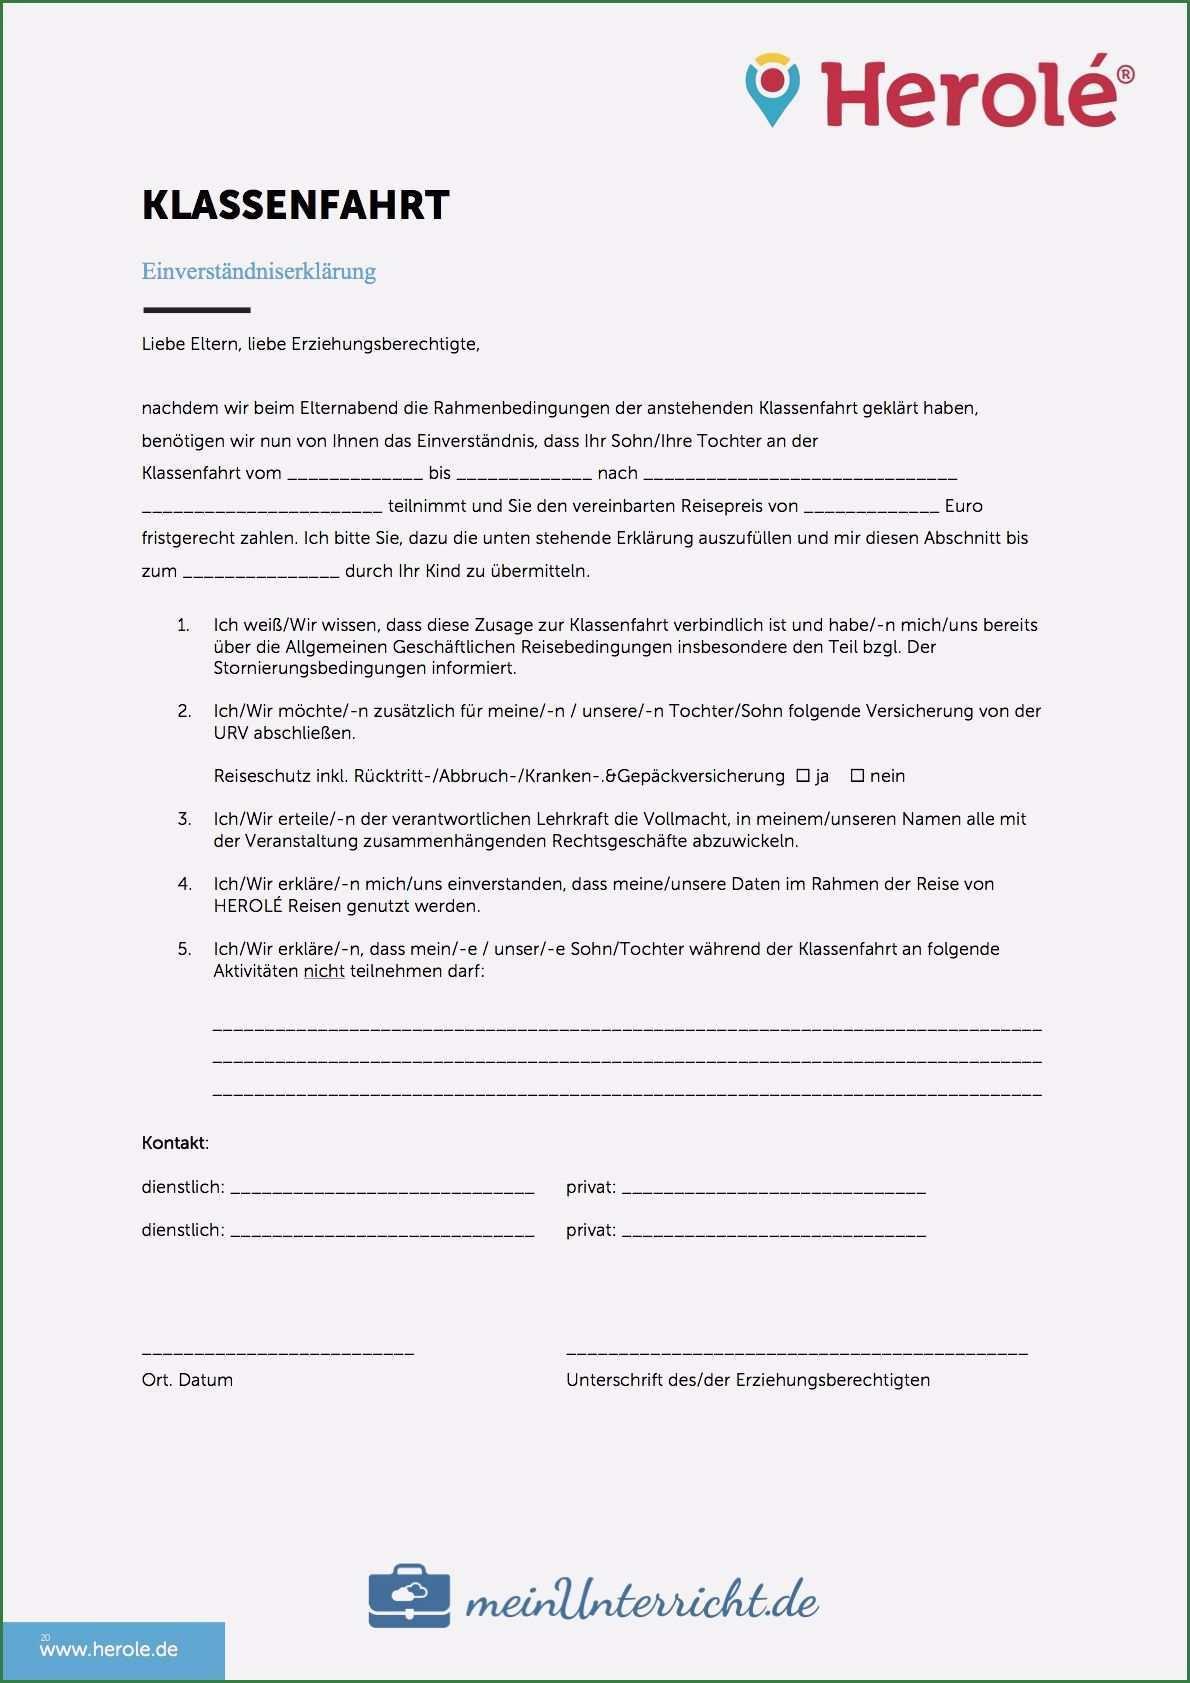 Beste Einverstandniserklarung Vorlage In 2020 Klassenfahrt Elternbriefe Geschaftsreise